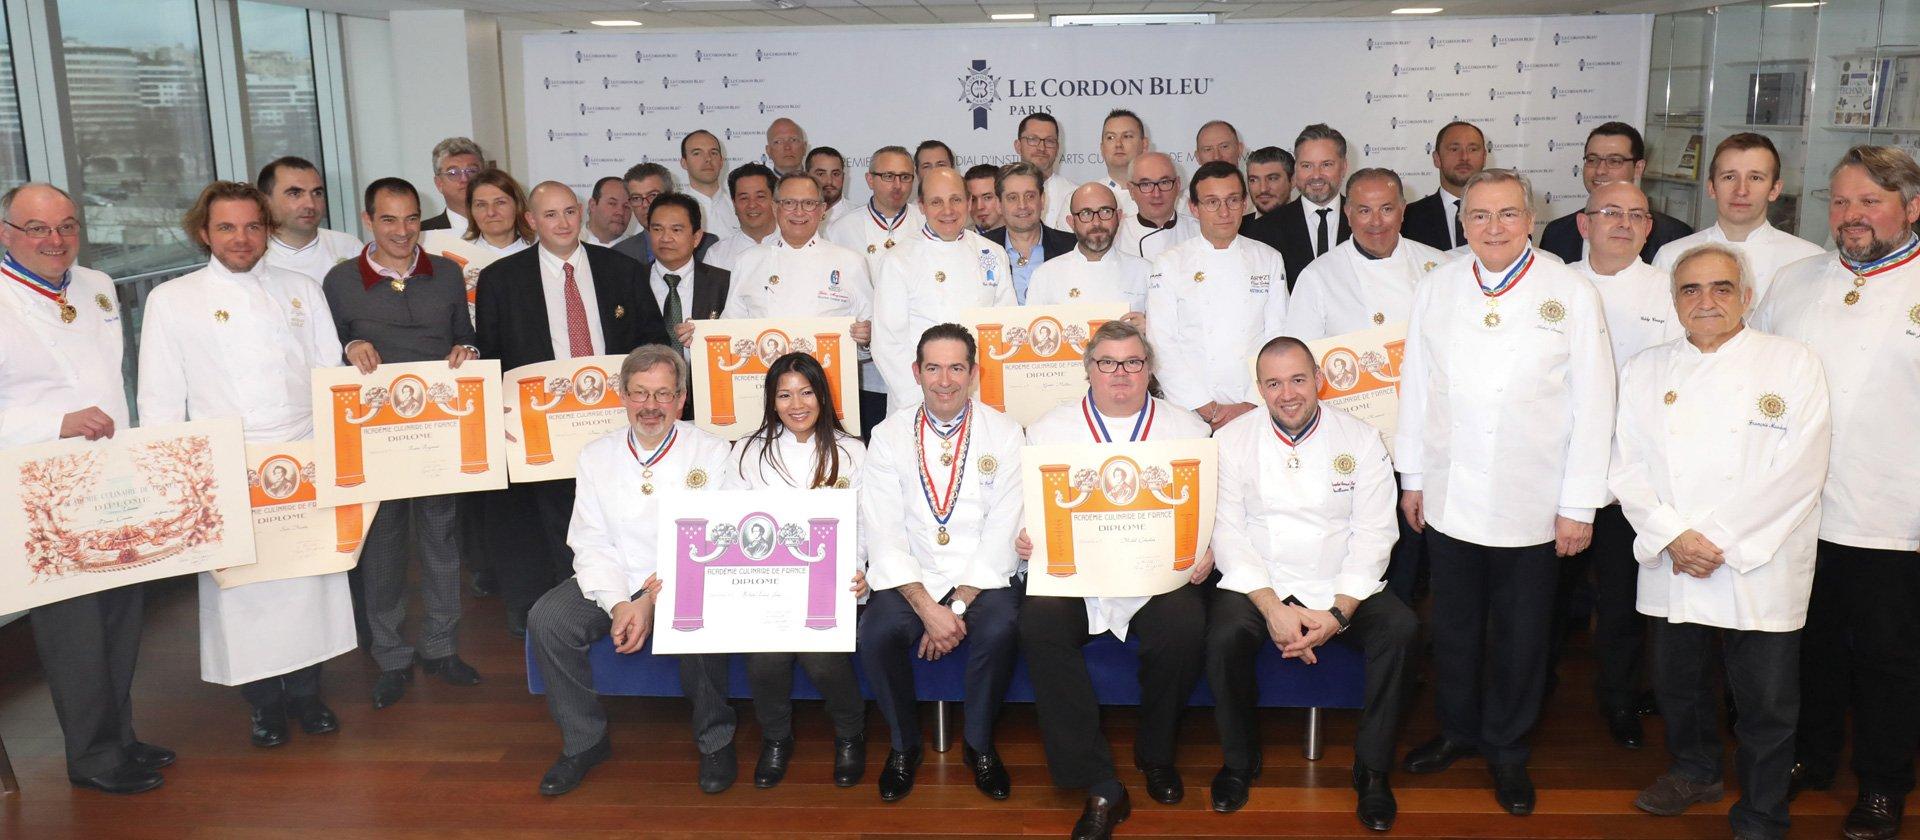 Adamédie culinaire de France 2017